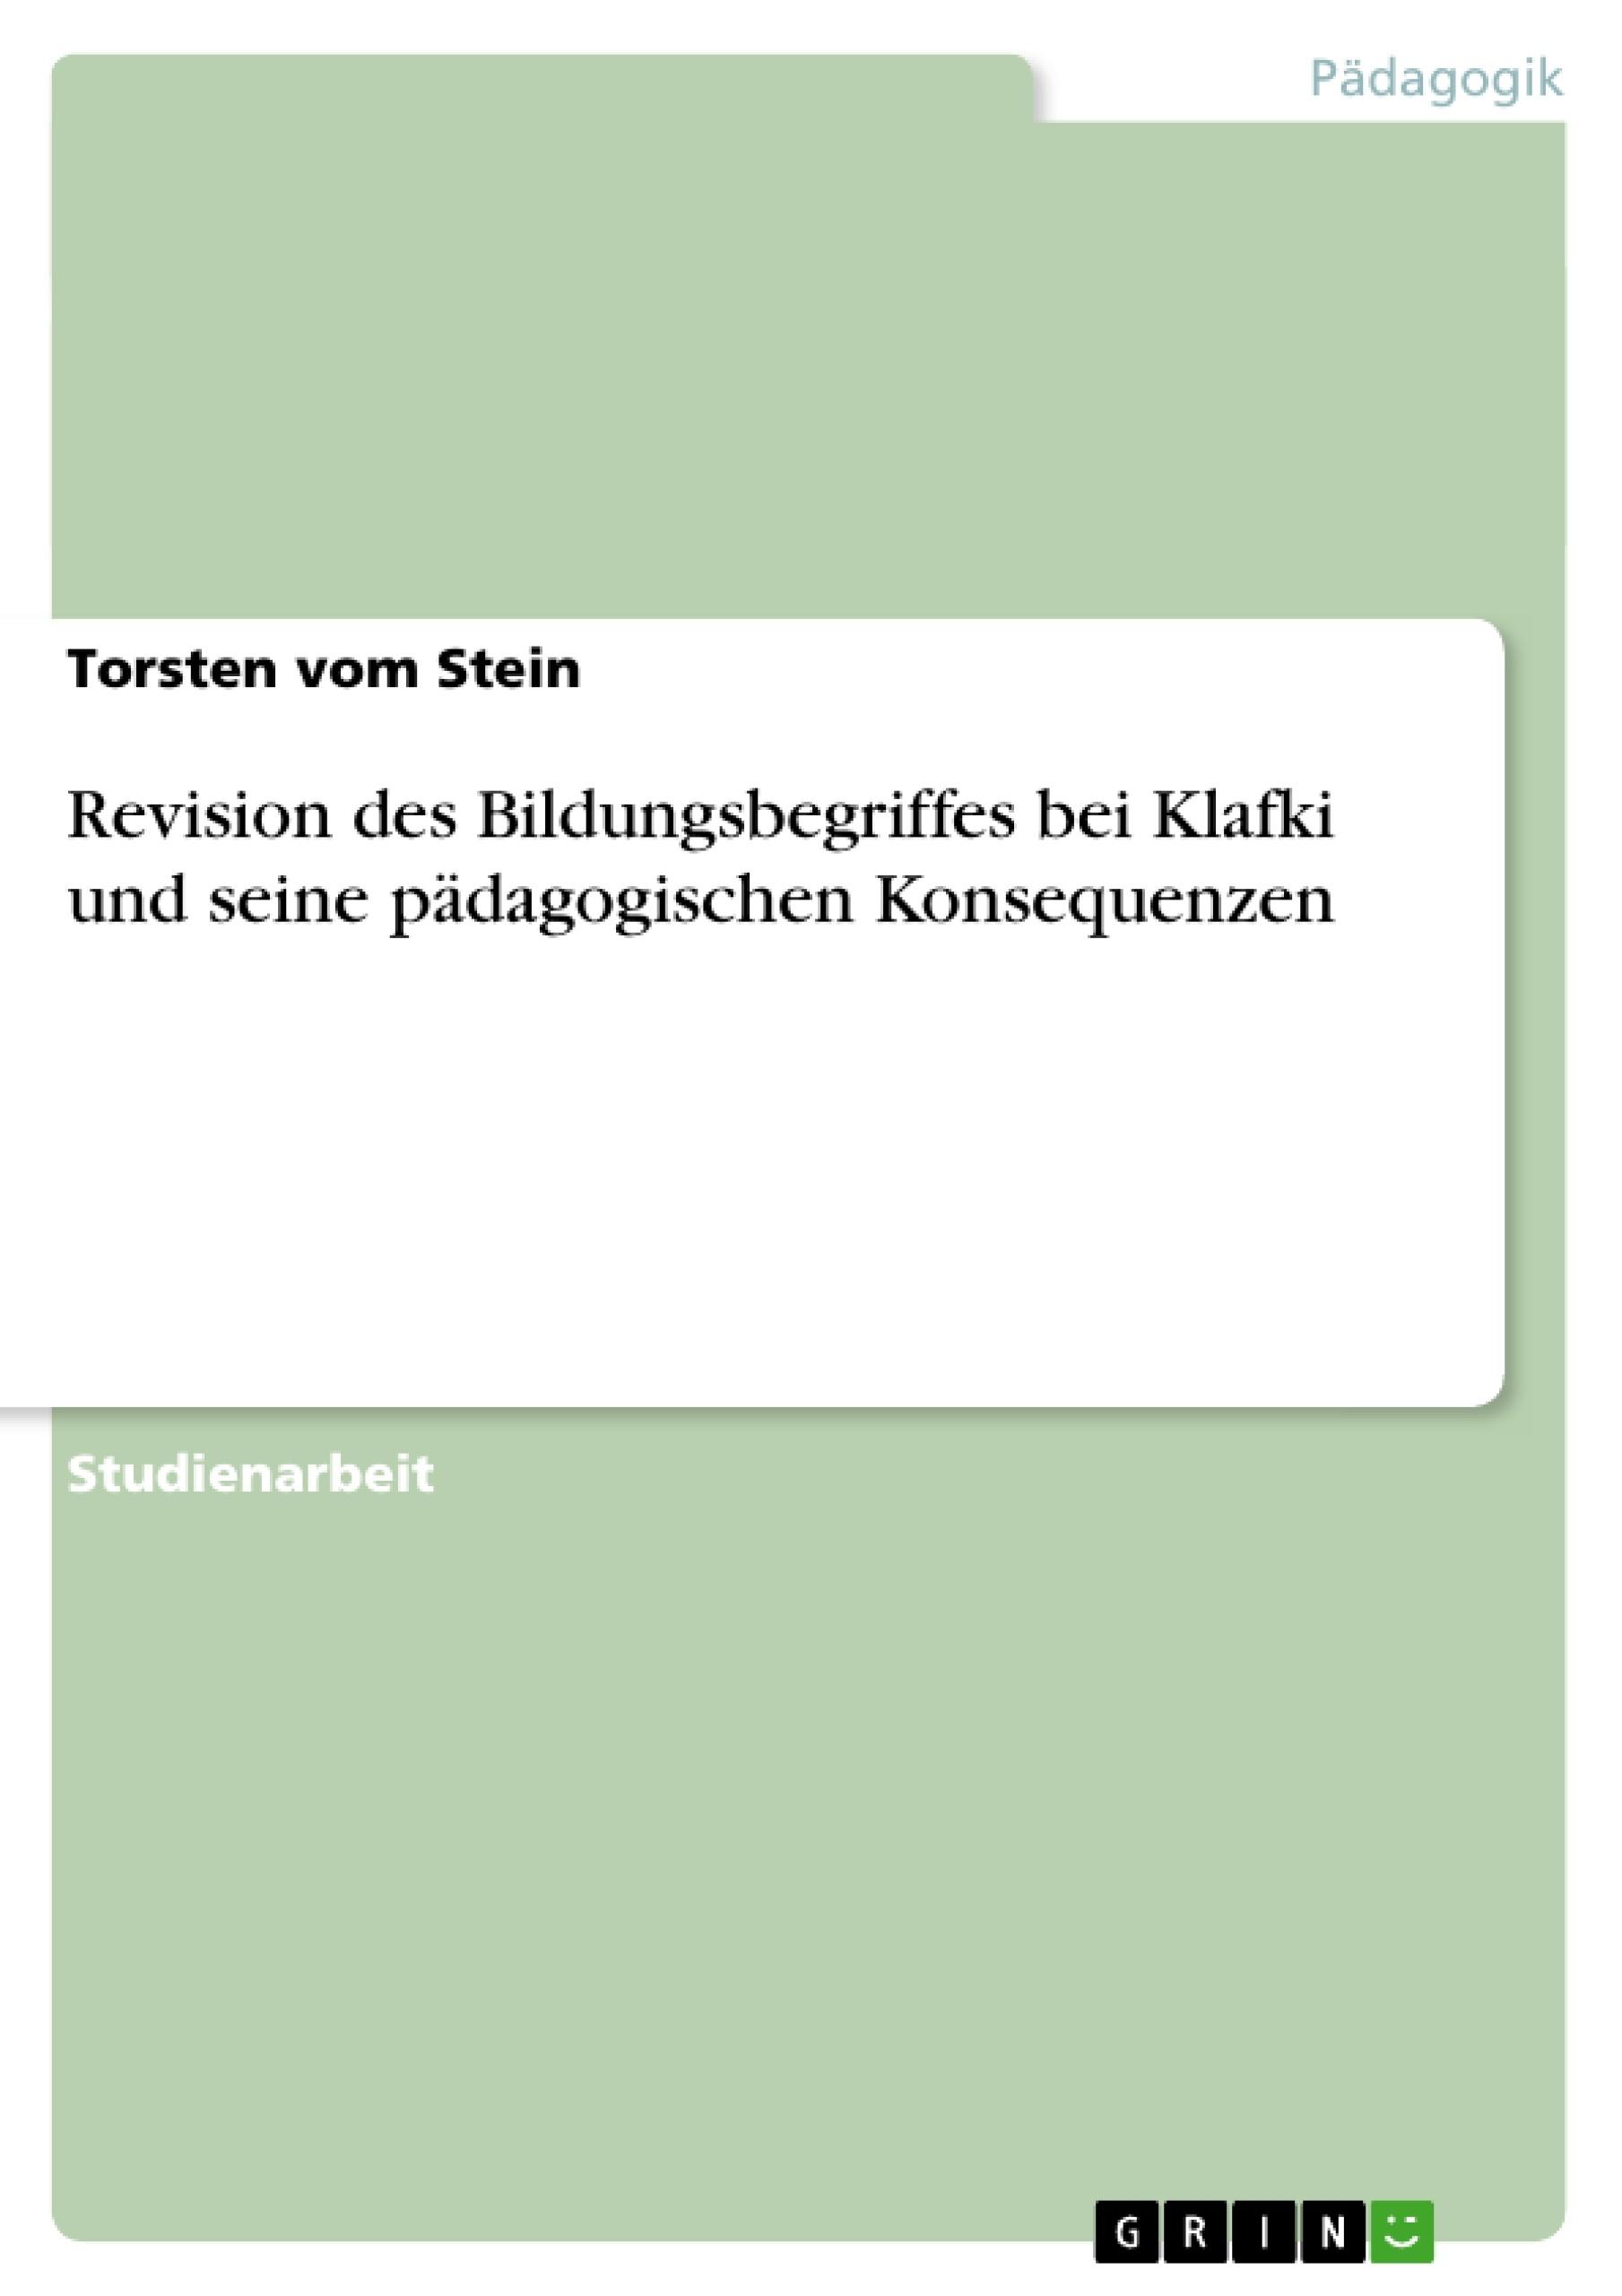 Titel: Revision des Bildungsbegriffes bei Klafki und seine pädagogischen Konsequenzen